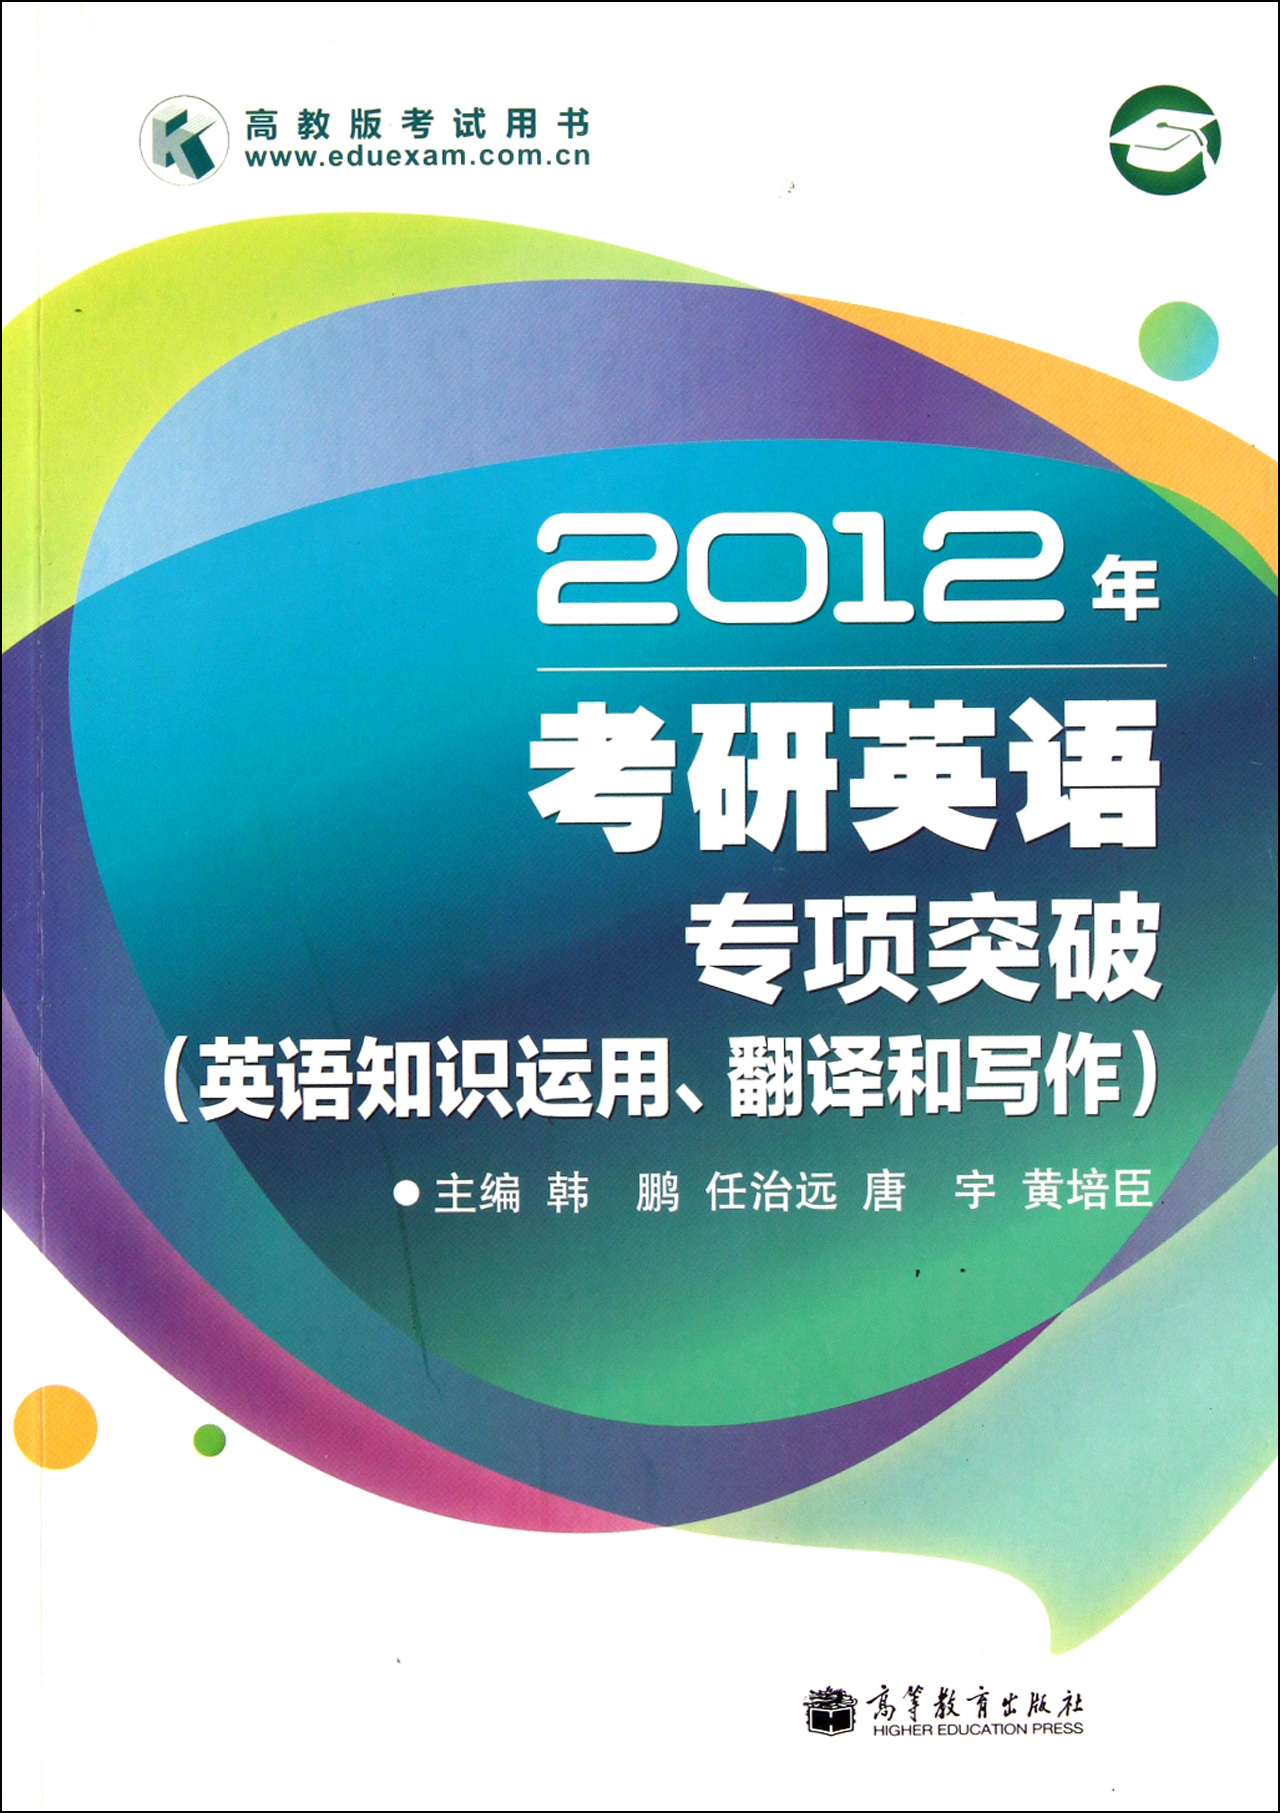 曾在北京旅游服务英语等级考试中担任高级考官